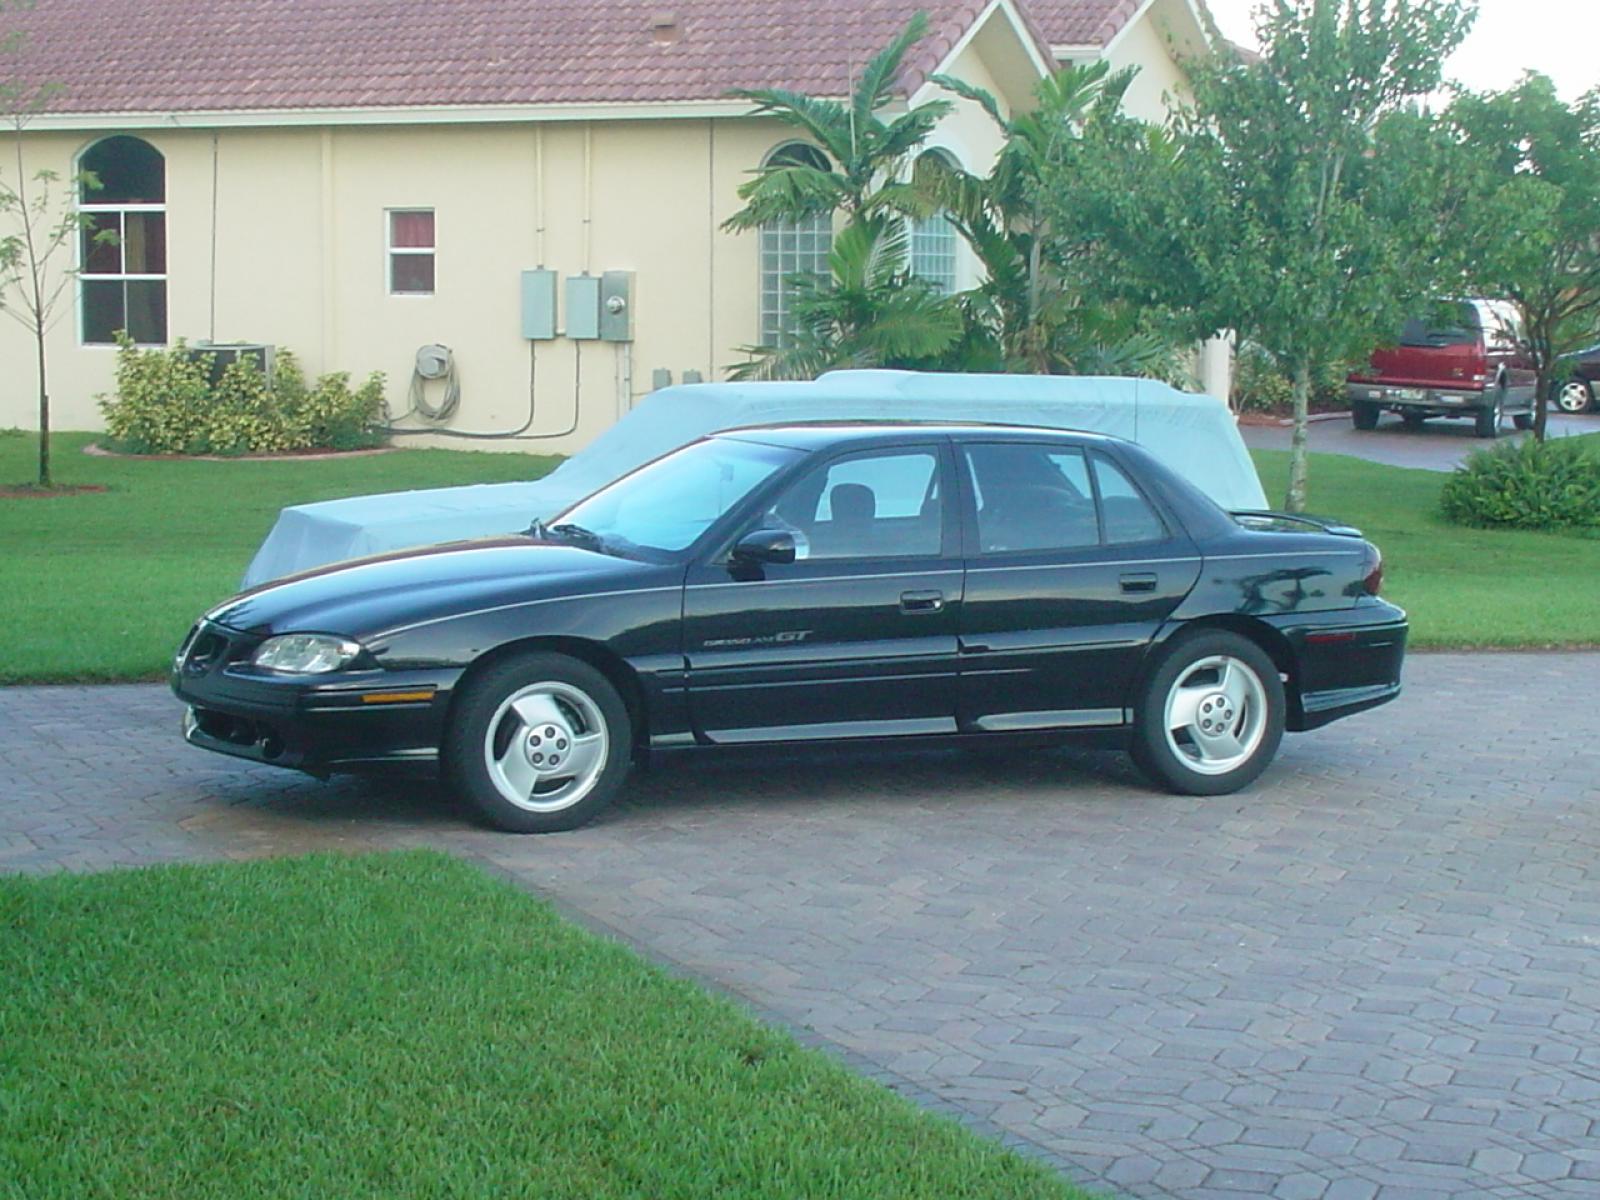 1997 Pontiac Grand Am Information And Photos Zombiedrive 1998 12 800 1024 1280 1600 Origin